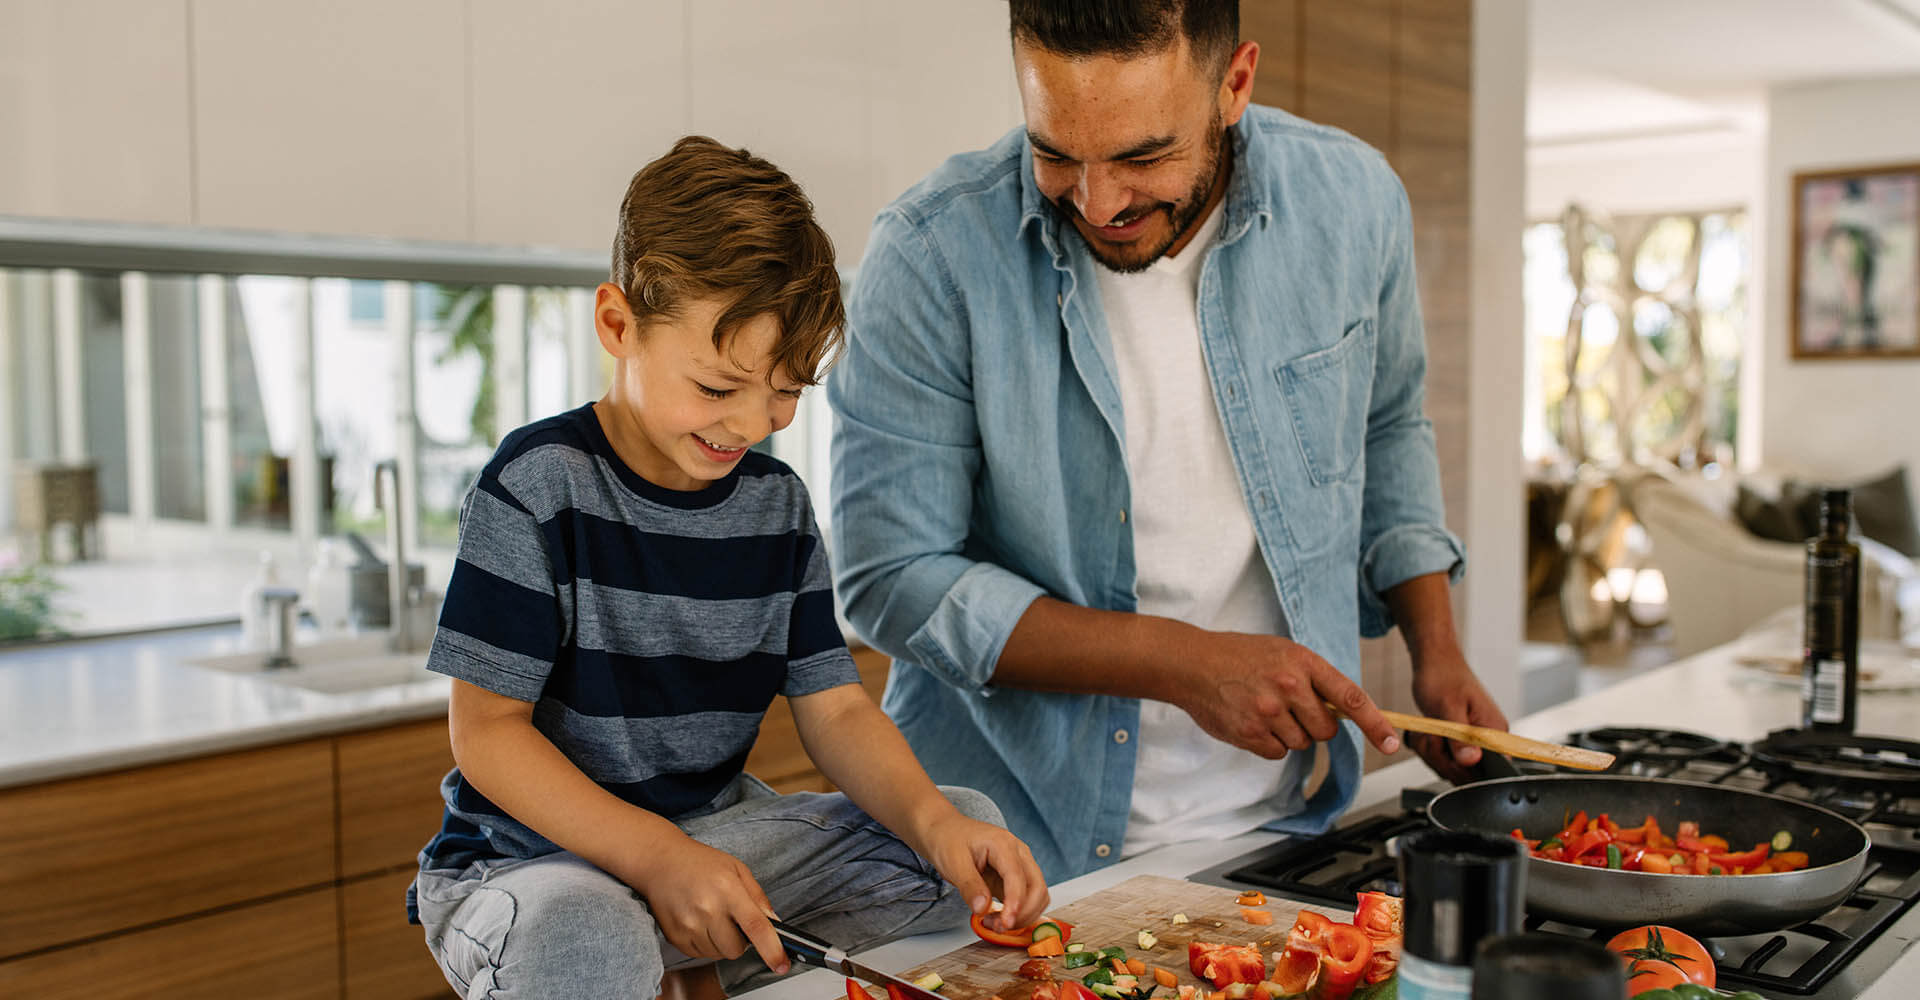 Vater und Sohn machen in der Küche Meal Prep